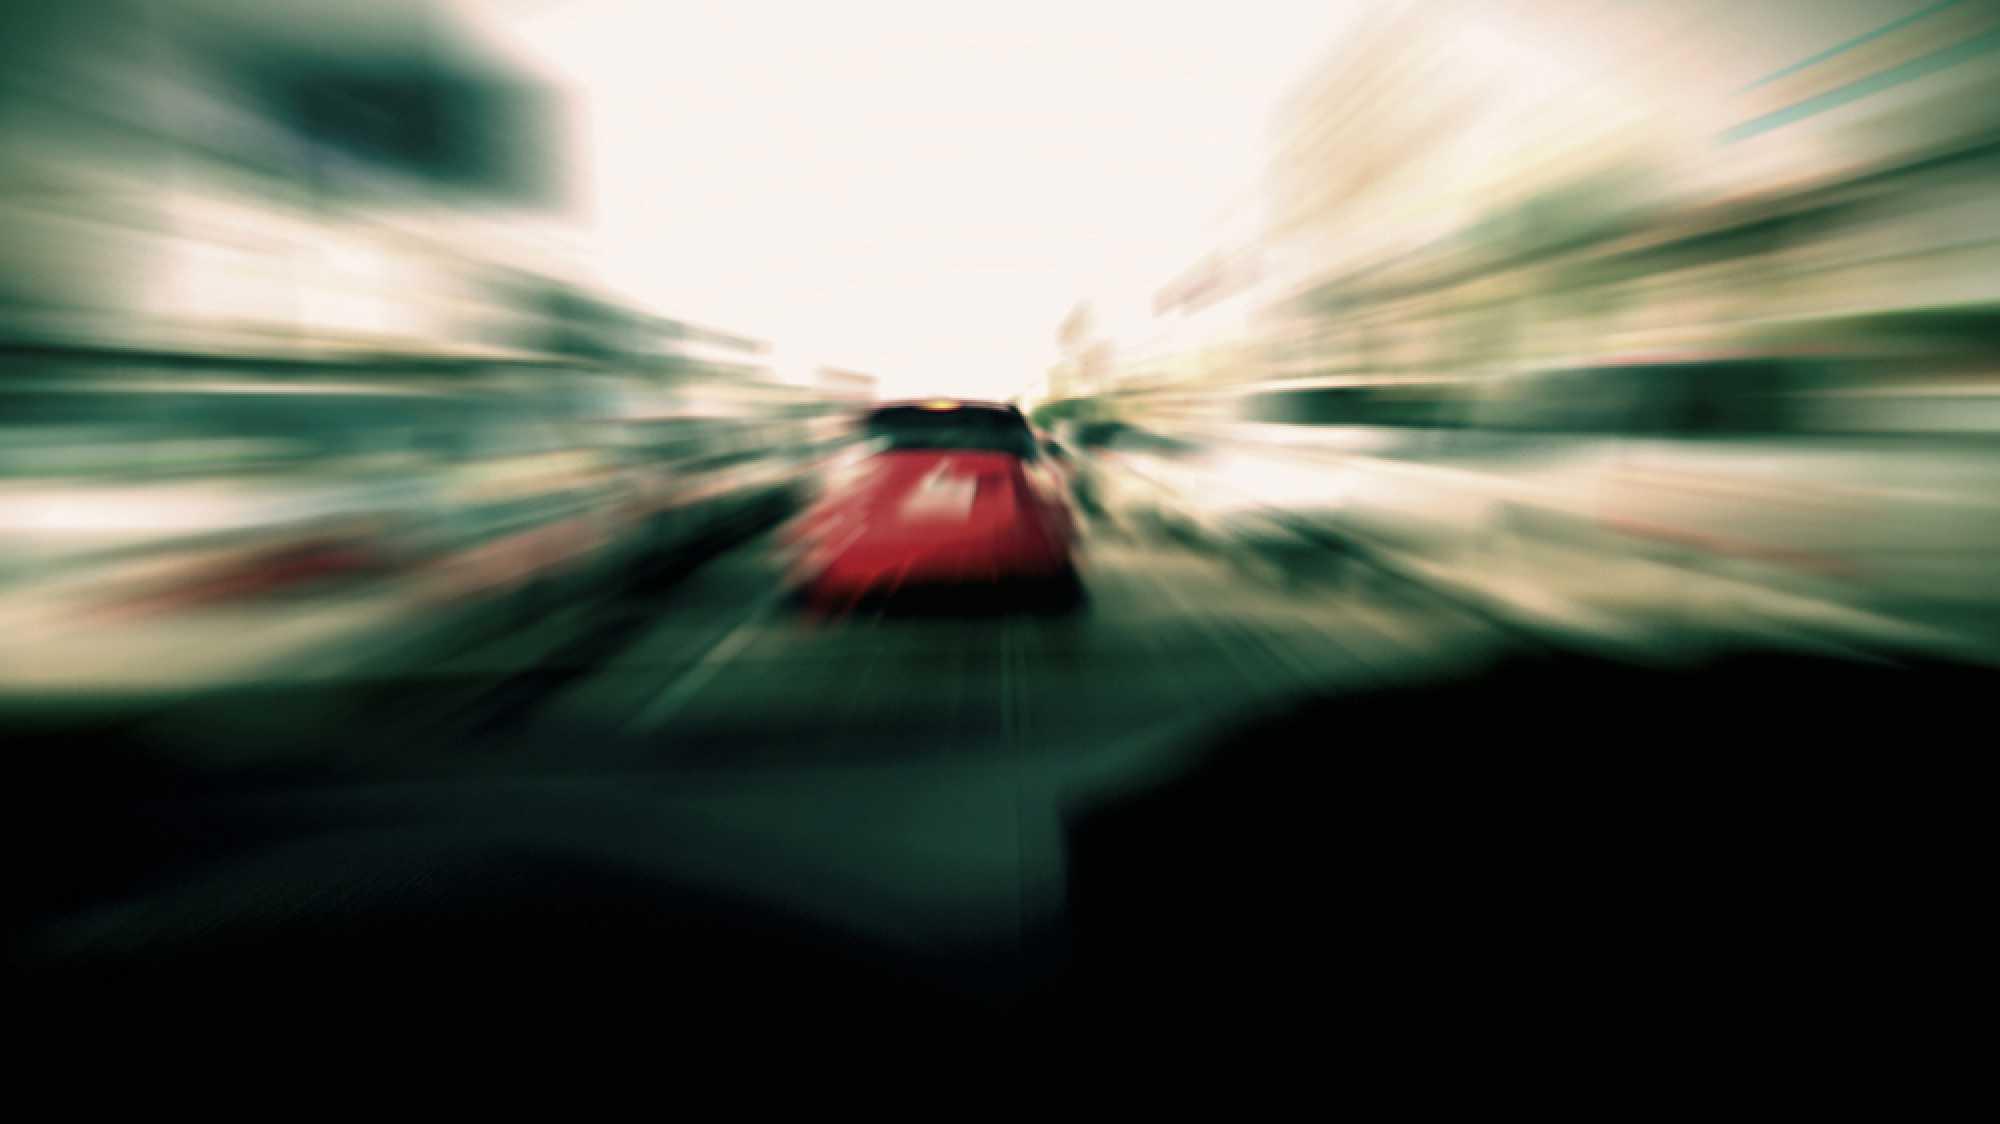 Schnell fahrendes Auto